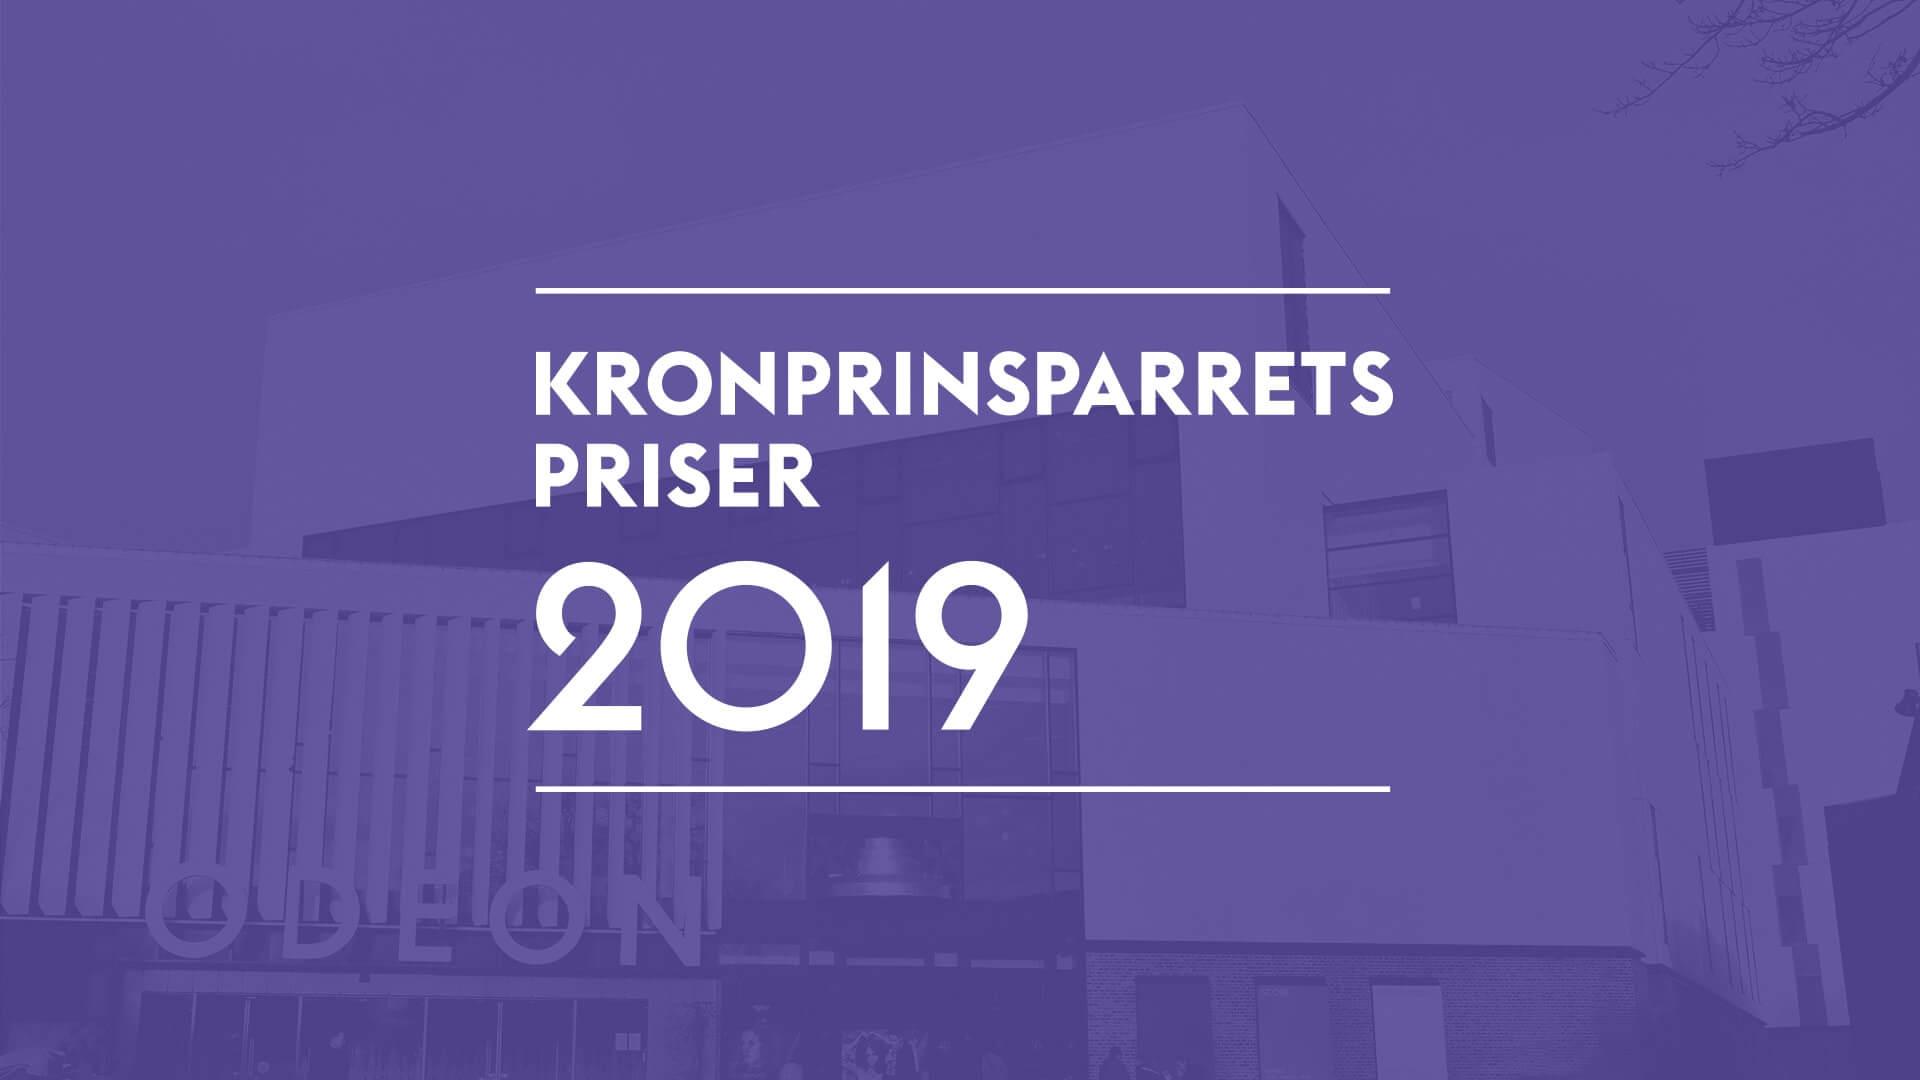 Kronprinsparrets priser 2019 logo